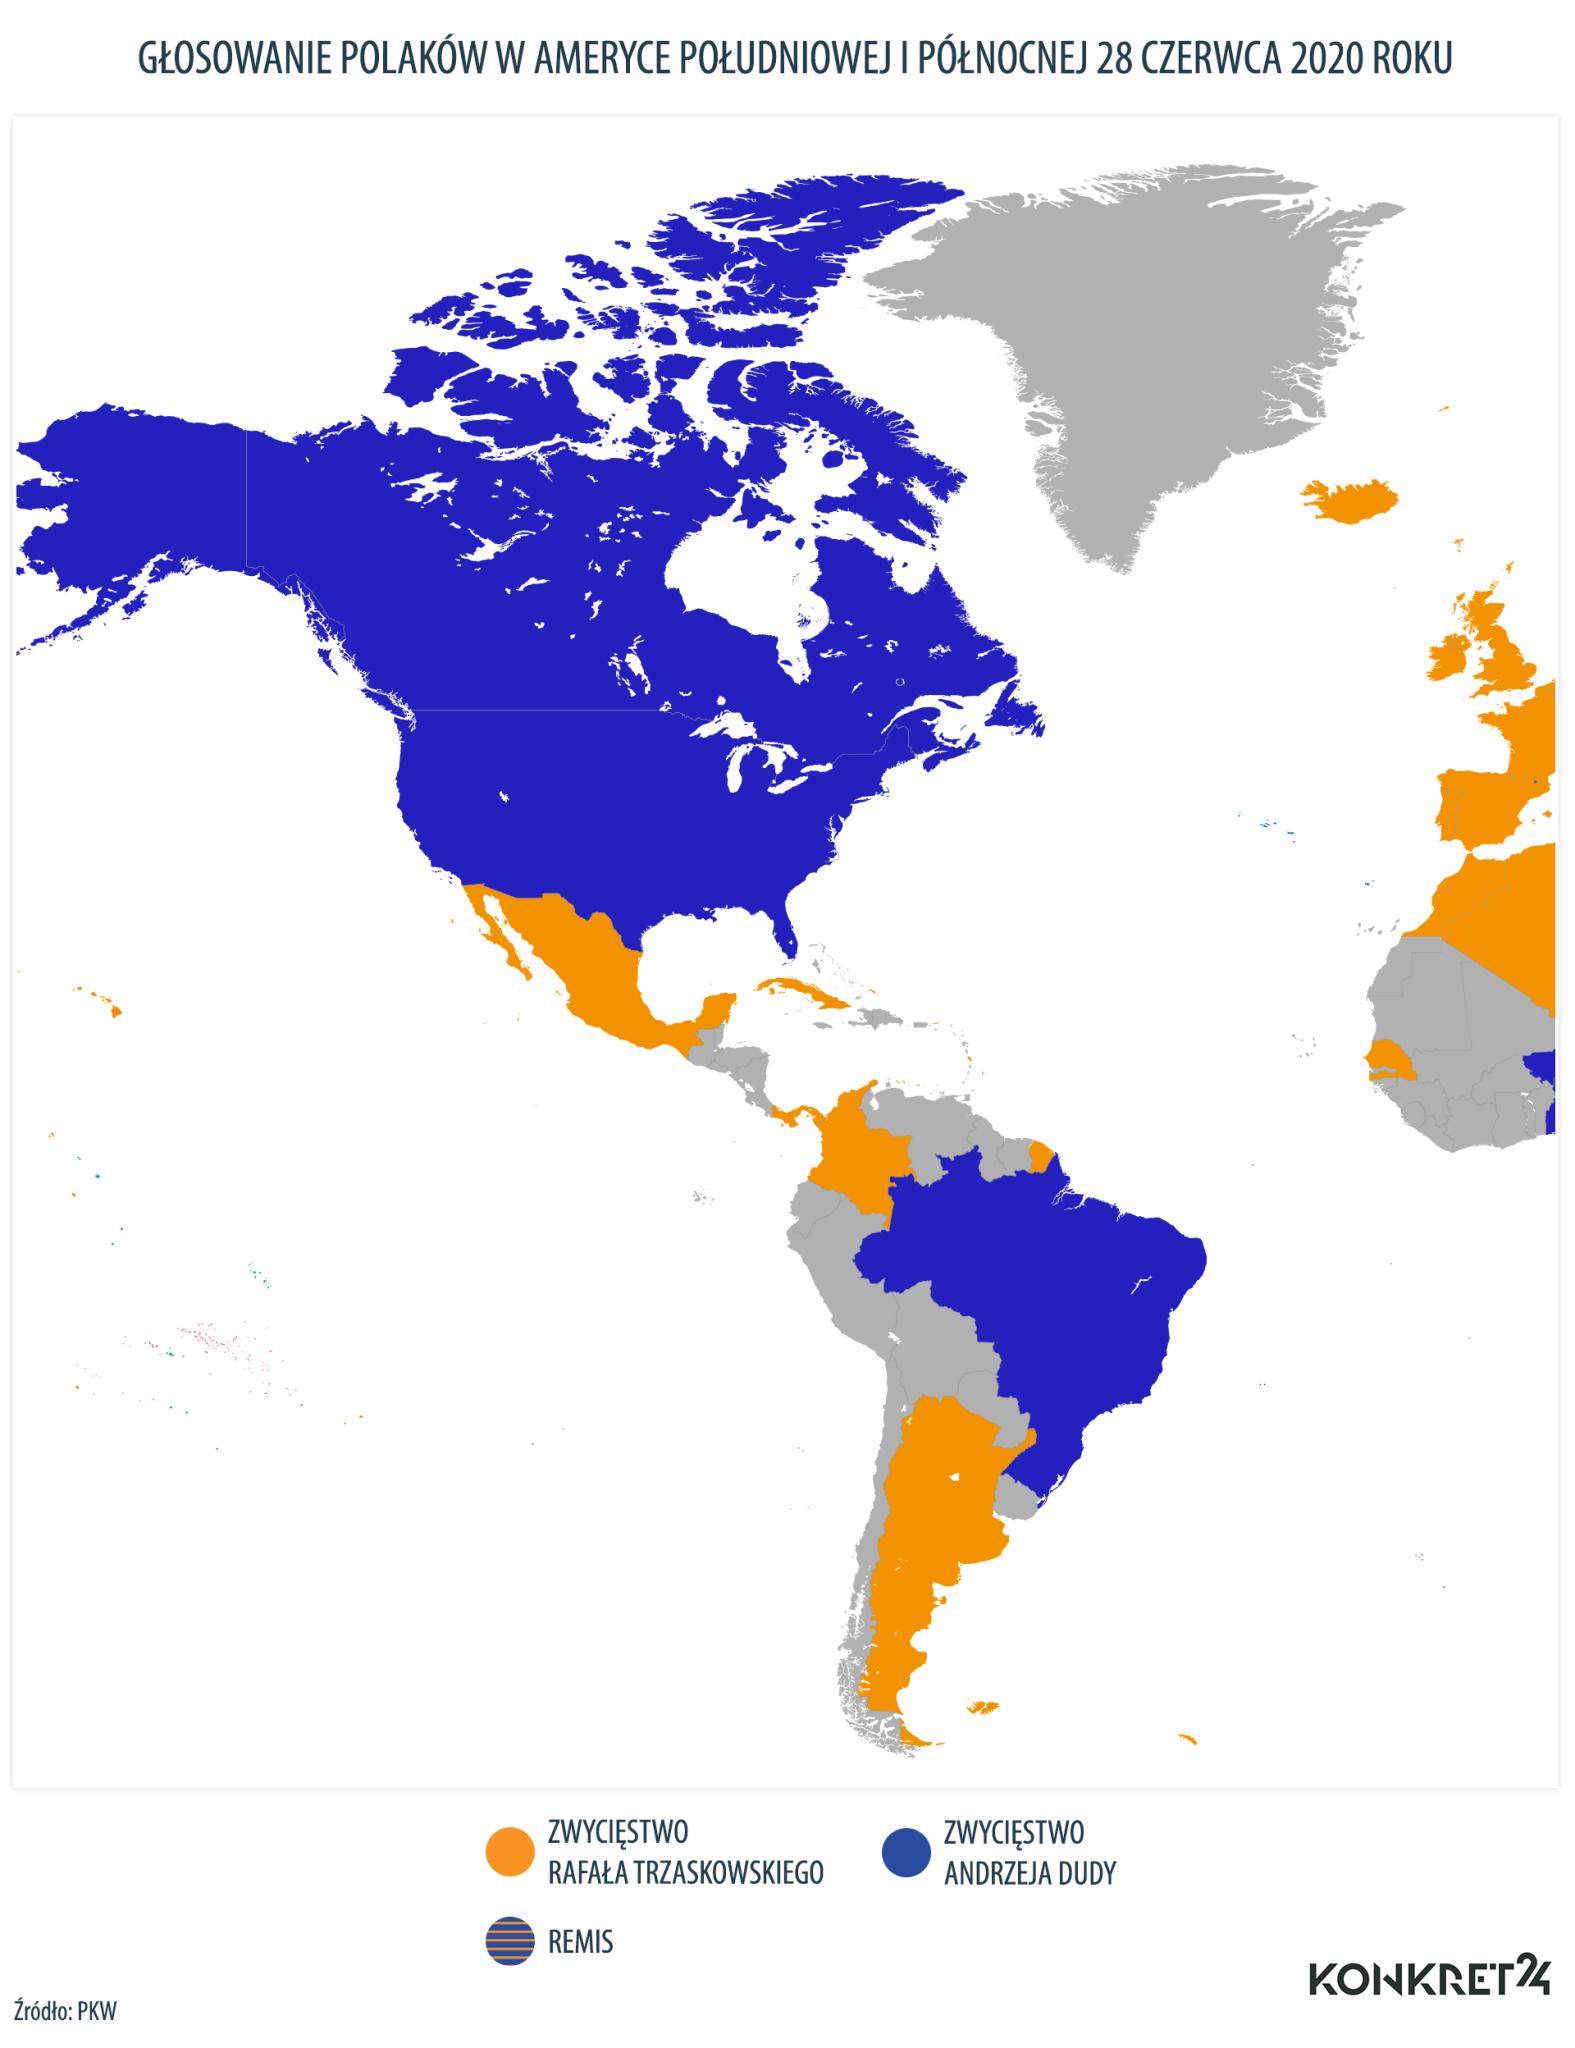 Głosowanie Polaków w Ameryce Południowej i Północnej w I turze wyborów prezydenckich w 2020 roku